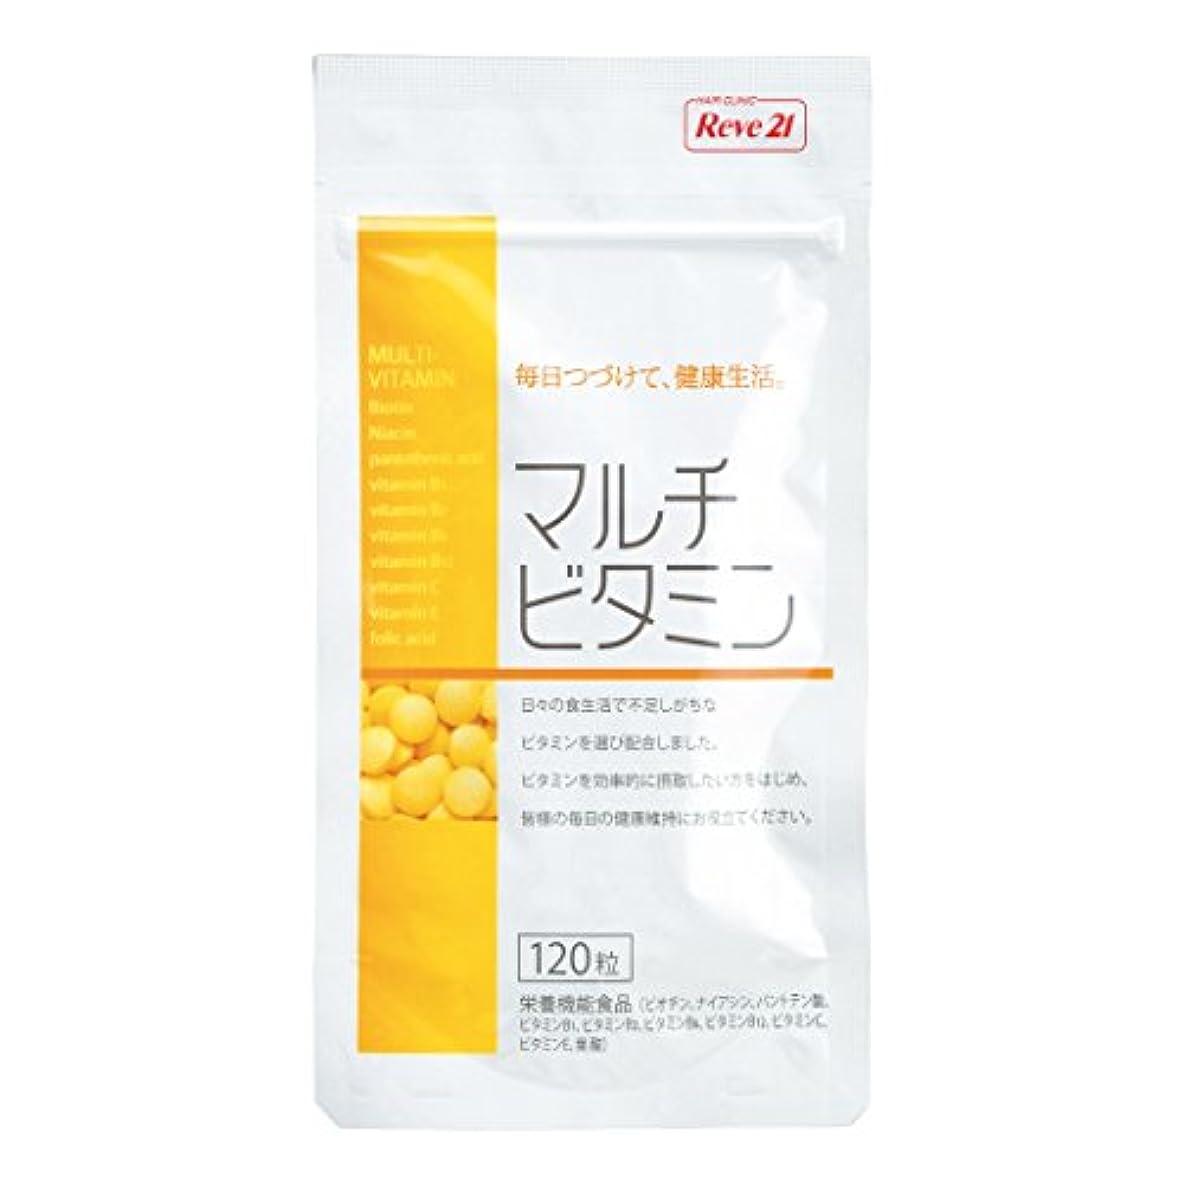 開示する法医学ネズミリーブ21 マルチビタミン(120粒入)【栄養機能食品】 育毛 発毛 サプリ サプリメント